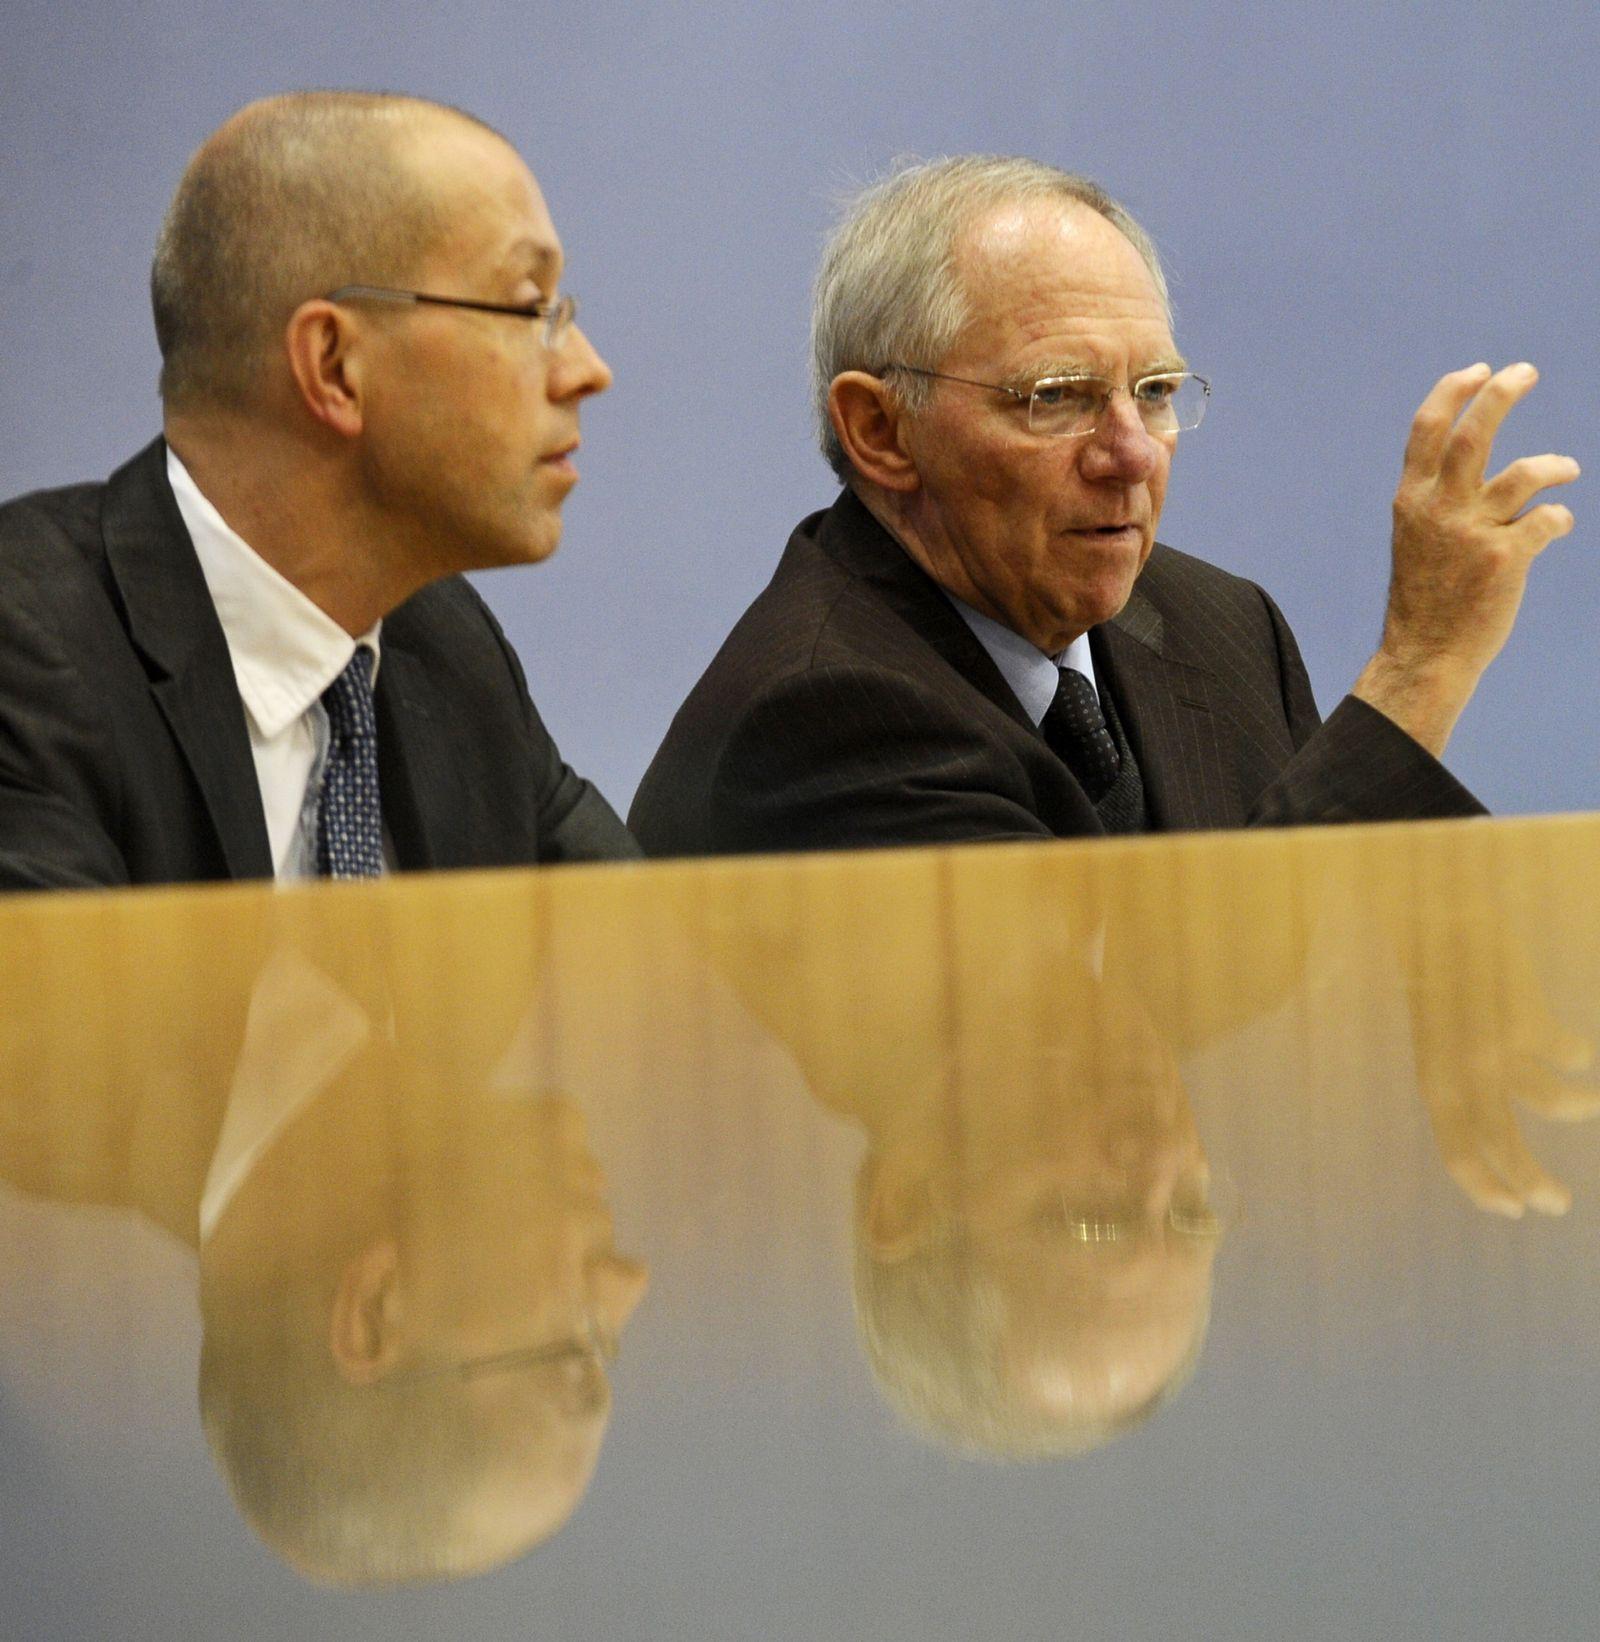 NICHT VERWENDEN Wolfgang Schäuble / Jörg Asmussen